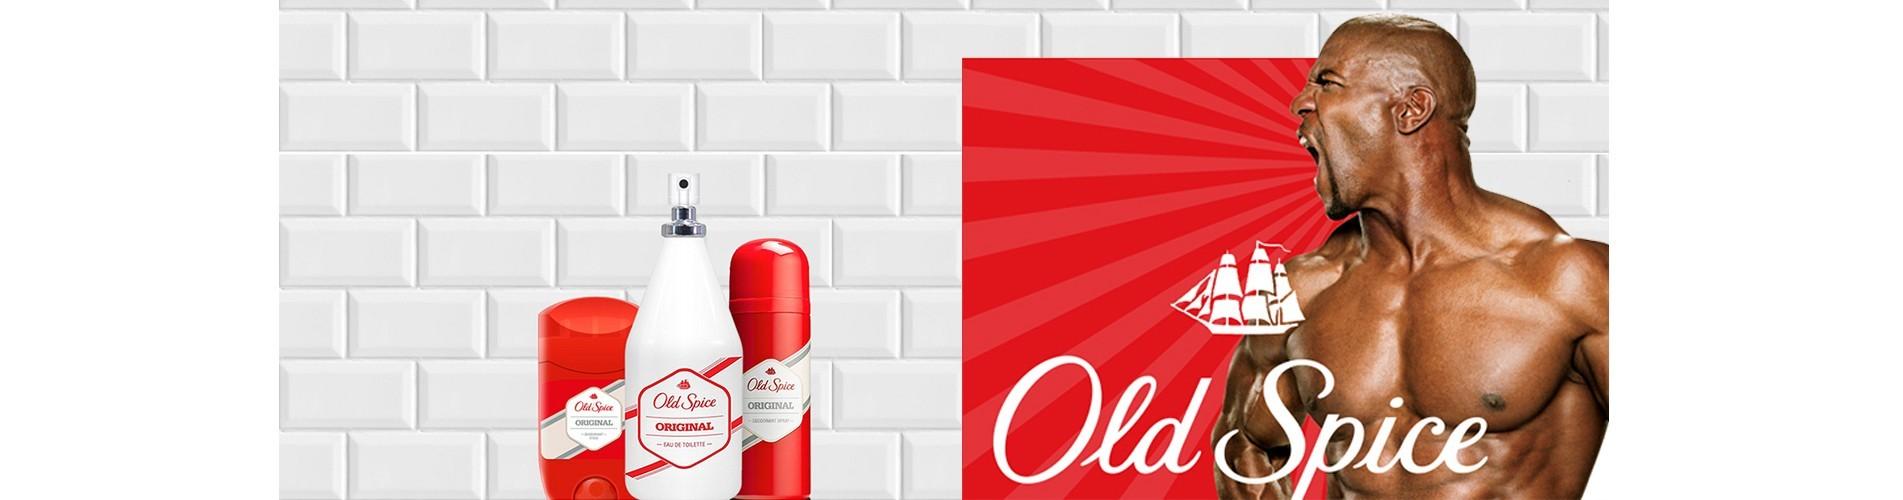 oldspice-banner